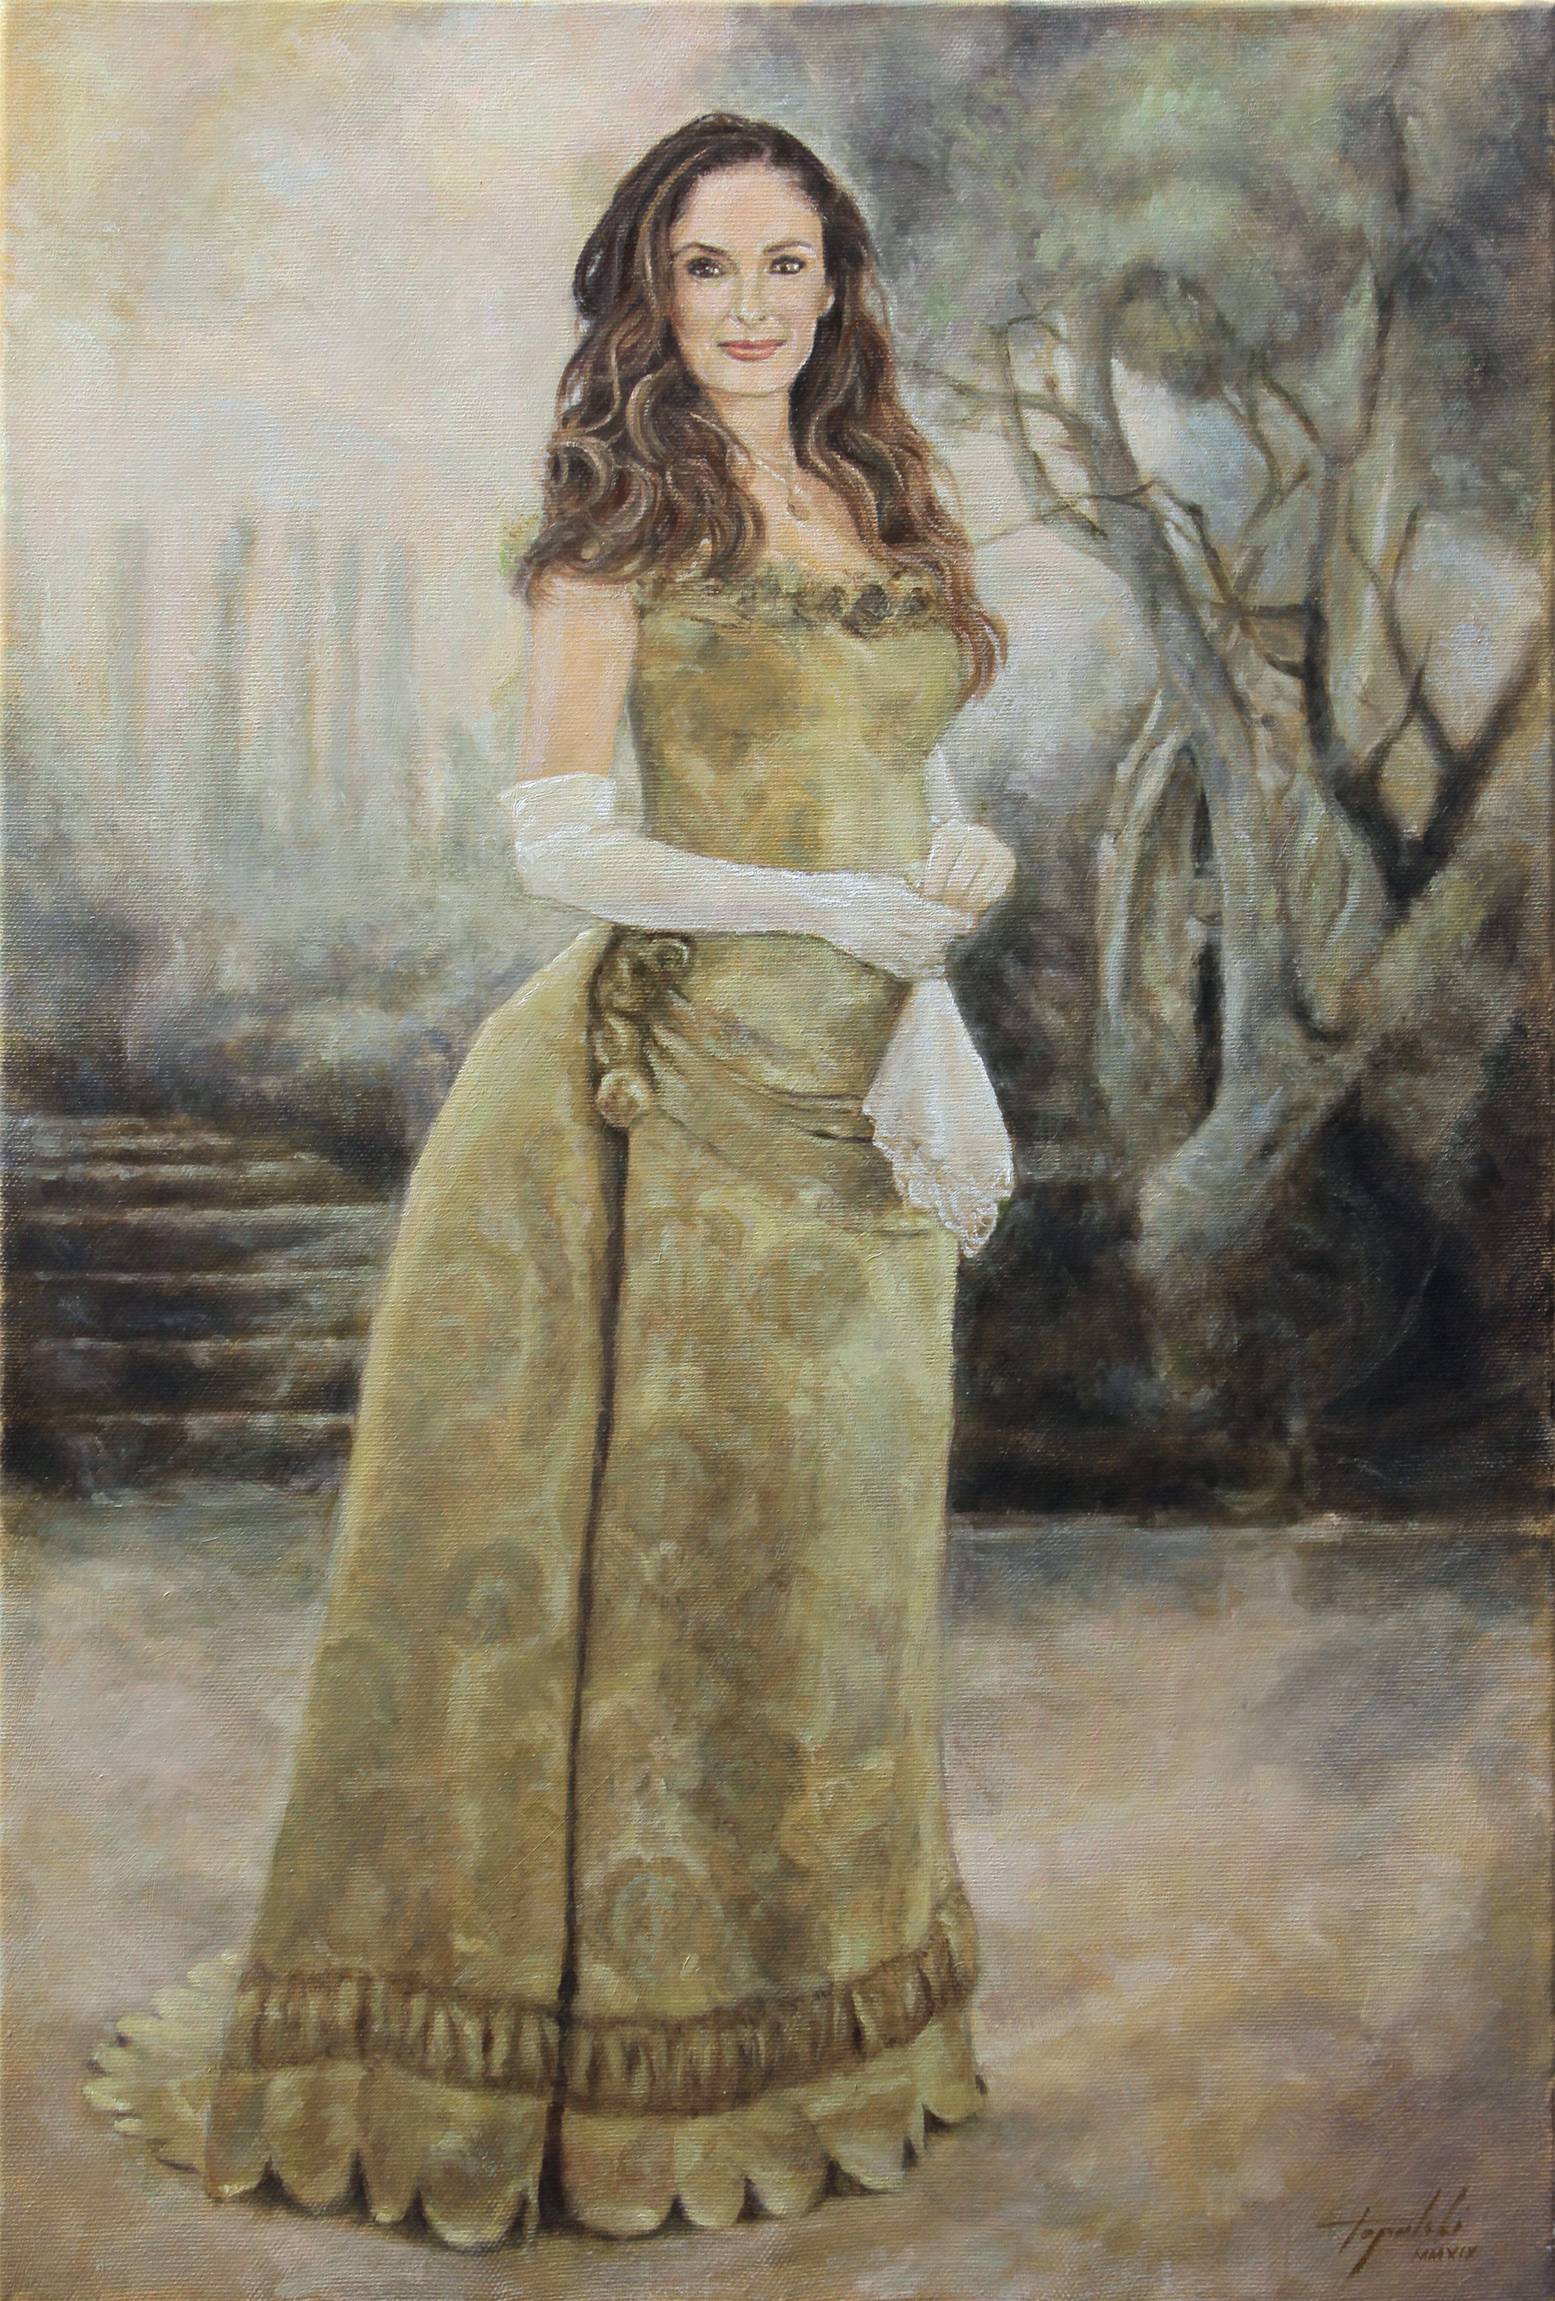 Umetnička slika - Viktorijanska Harmonija - 60x40cm Ulje na platnu - umetnik Darko TOPALSKI